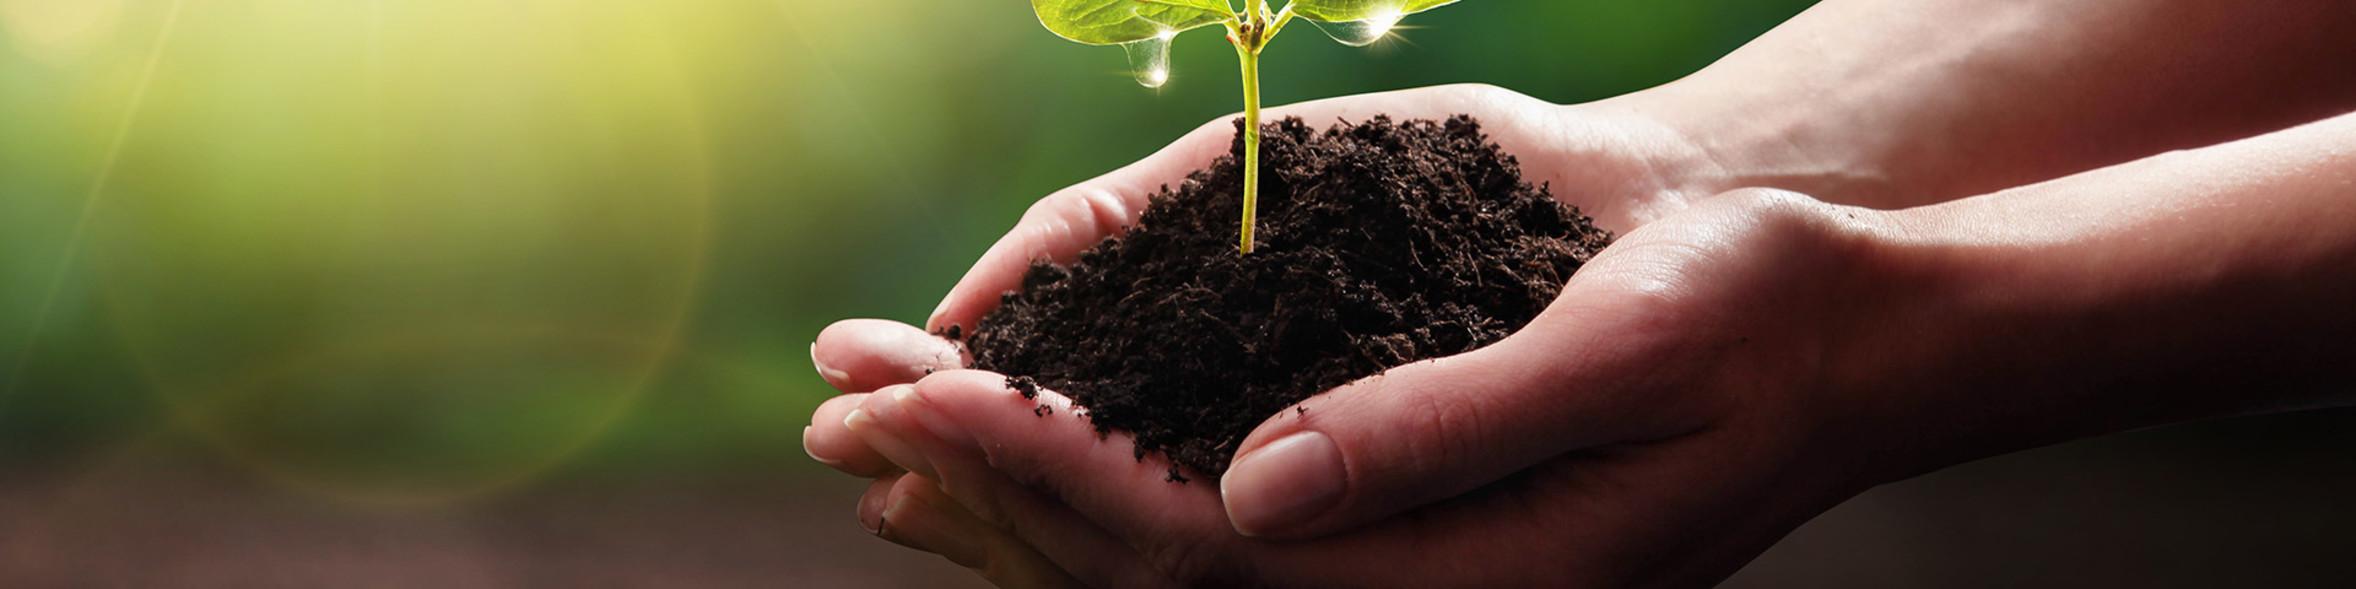 Nachhaltige Verpackungen, nachhaltig, nachhaltige To-Go Verpackungen, ressourcenschonend, umweltschonend